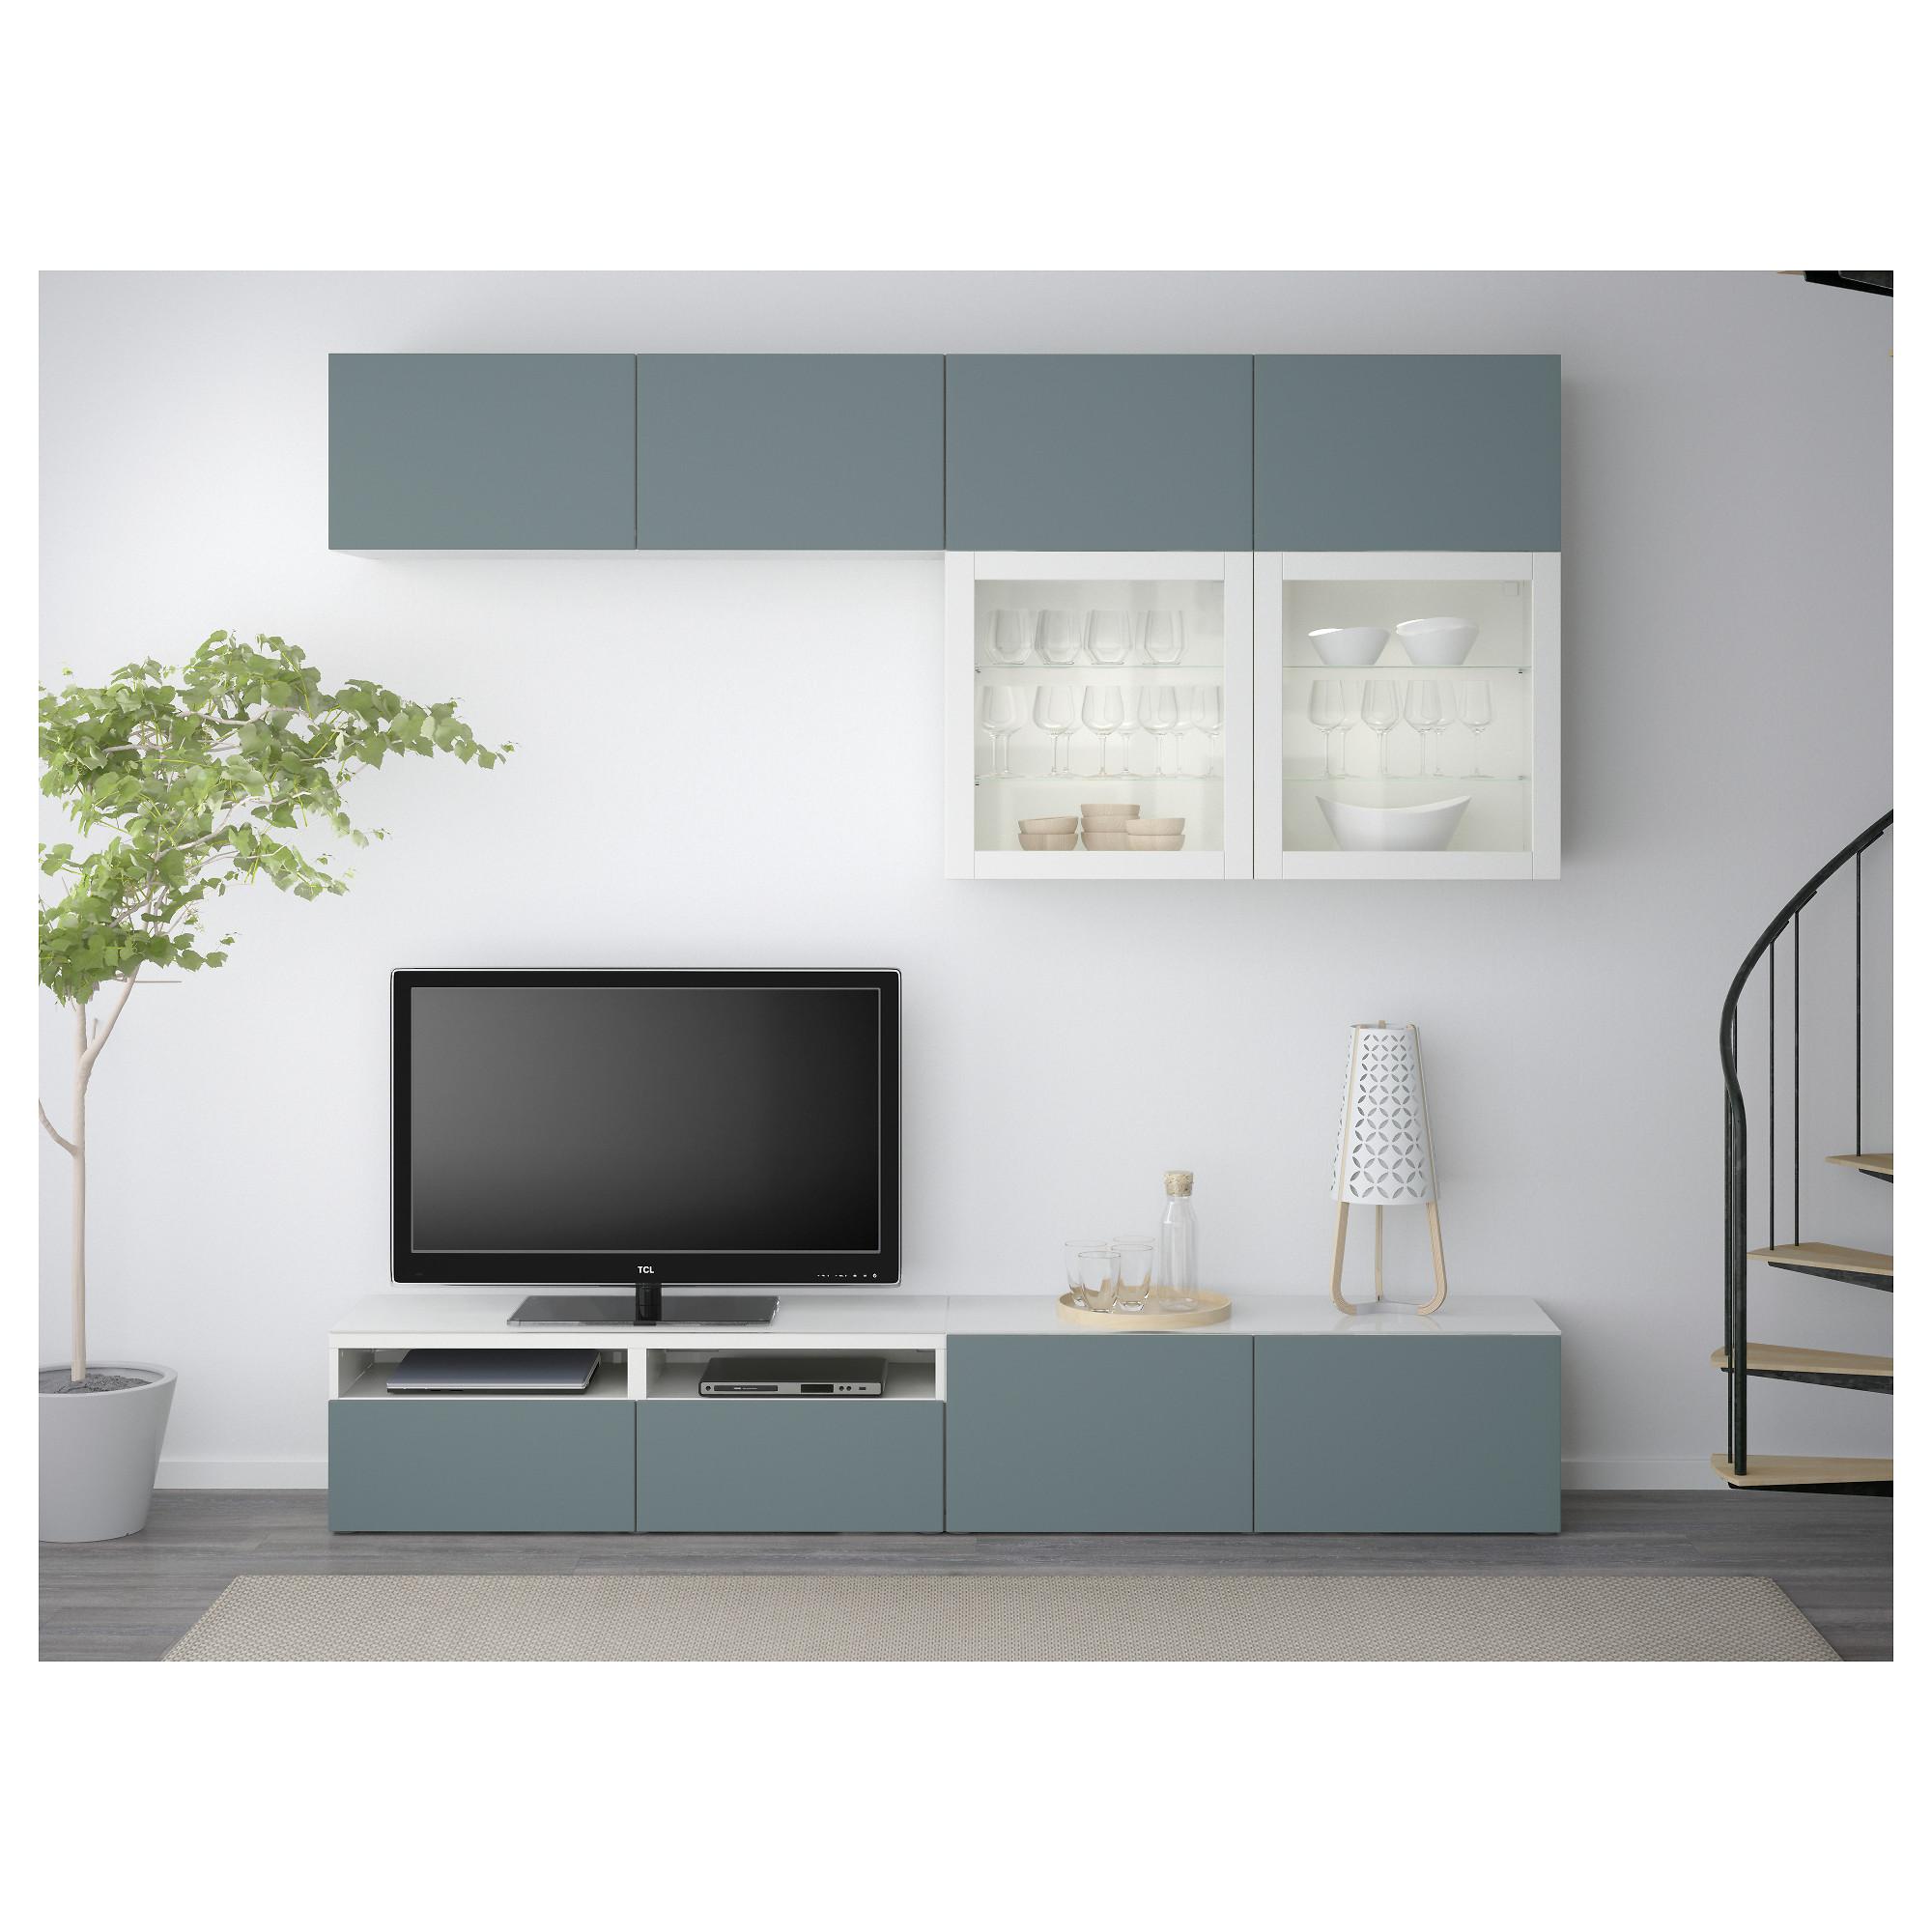 Шкаф для ТВ, комбинированный, стекляные дверцы БЕСТО белый артикуль № 292.453.56 в наличии. Интернет каталог IKEA Минск. Недорогая доставка и монтаж.